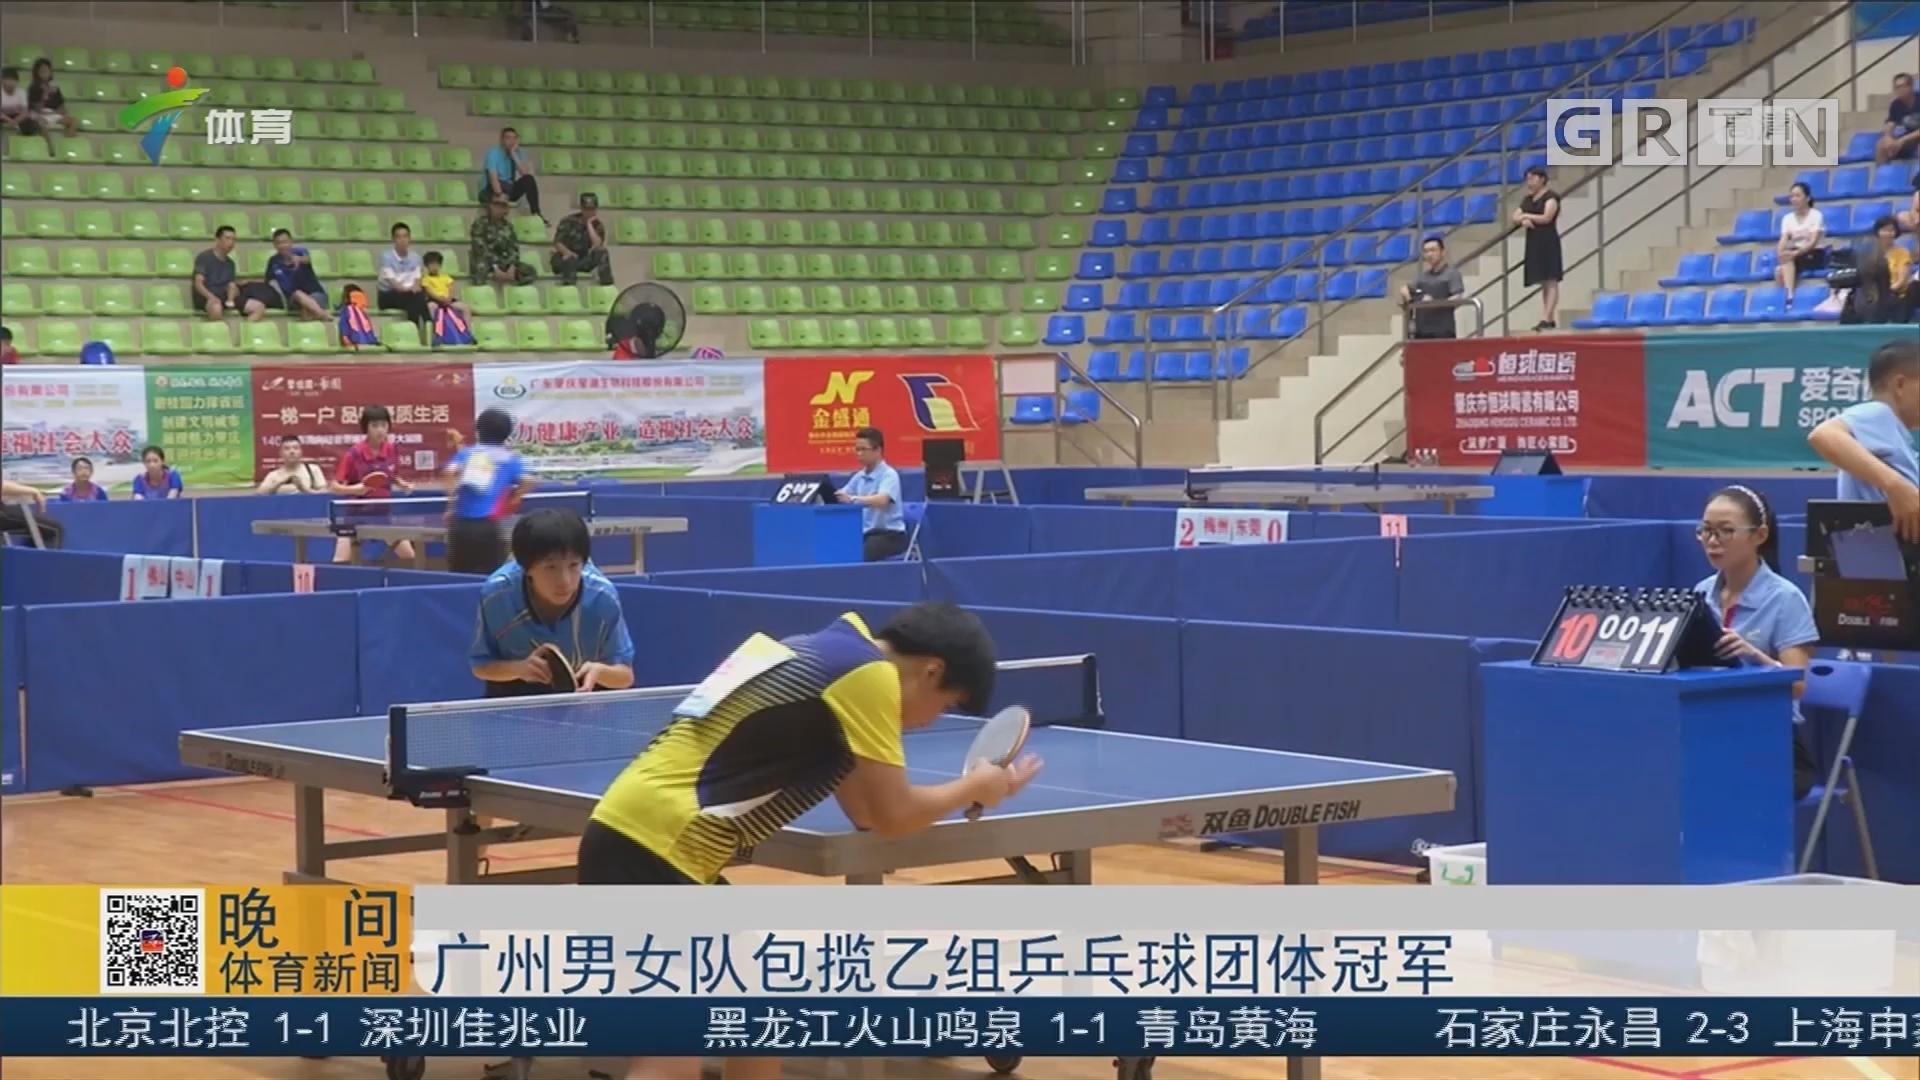 广州男女队包揽乙组乒乓球团体冠军